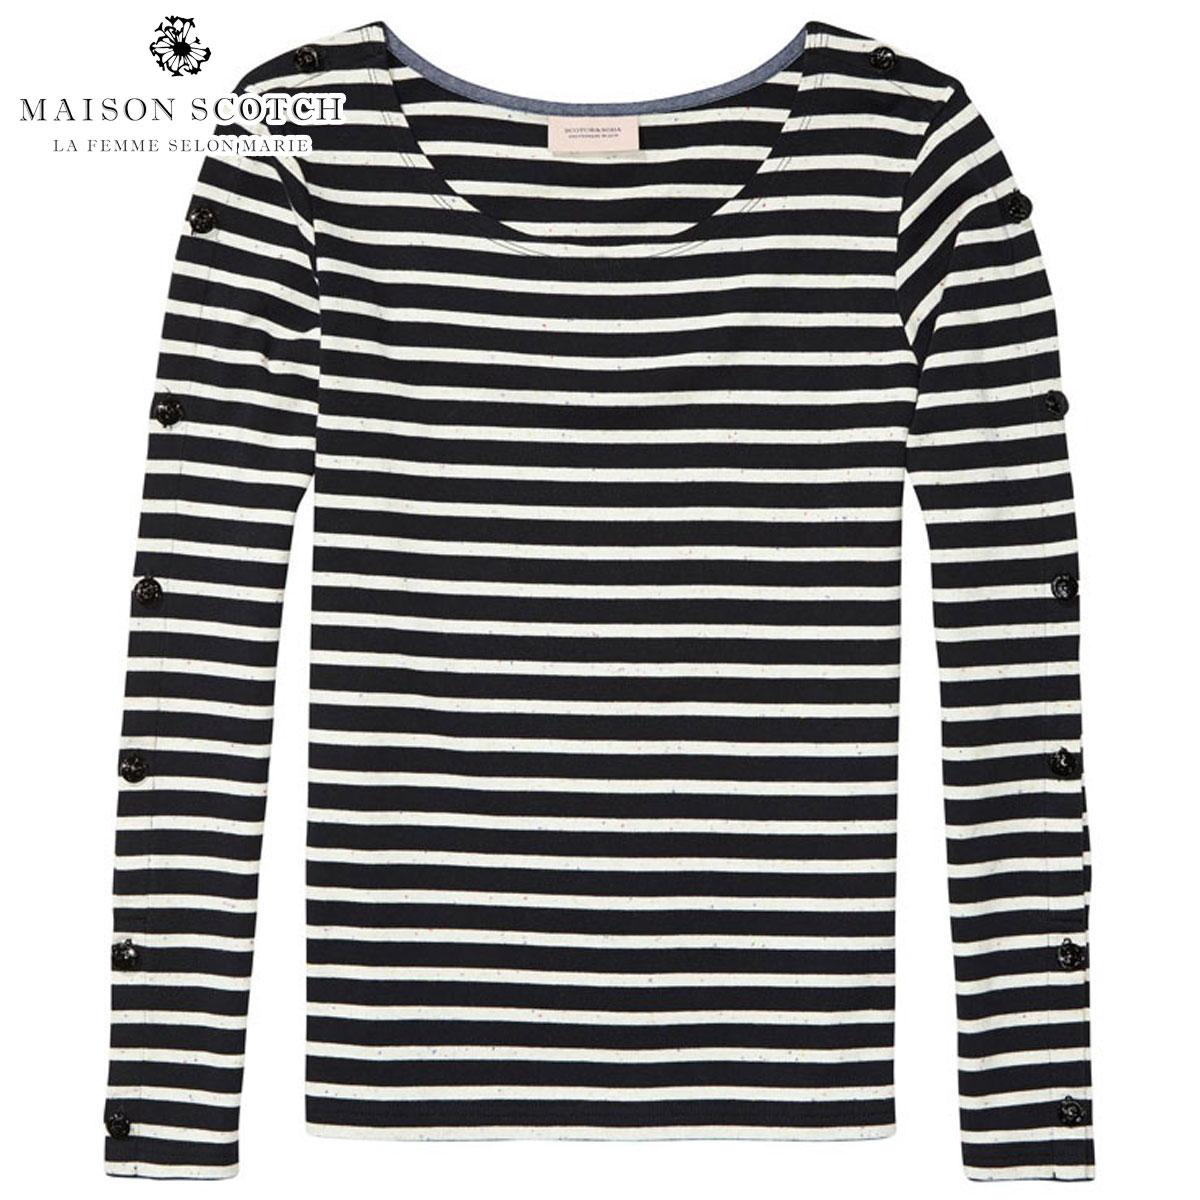 メゾンスコッチ MAISON SCOTCH 正規販売店 レディース 長袖Tシャツ BRETON T-SHIRT 134853 20 COMBO D